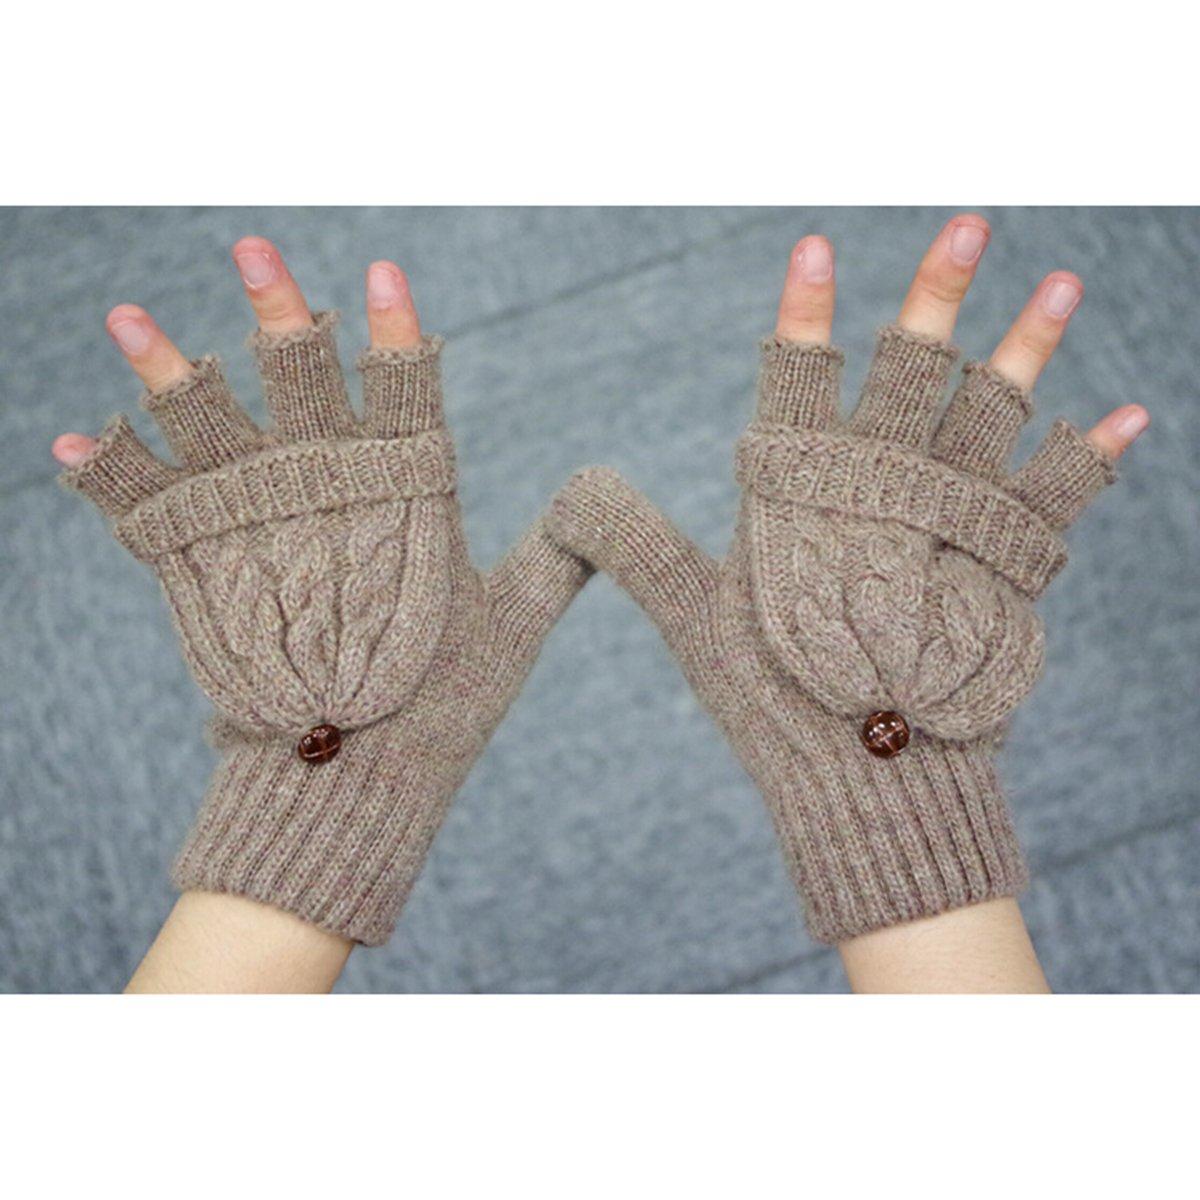 Tinkskyミトン手袋指なし手袋ウールニット手袋冬暖かいウールニット付きConvertible指なし手袋ミトンカバー(ブラウン) – クリスマスギフトレディースガールズ   B01MZXV71Z